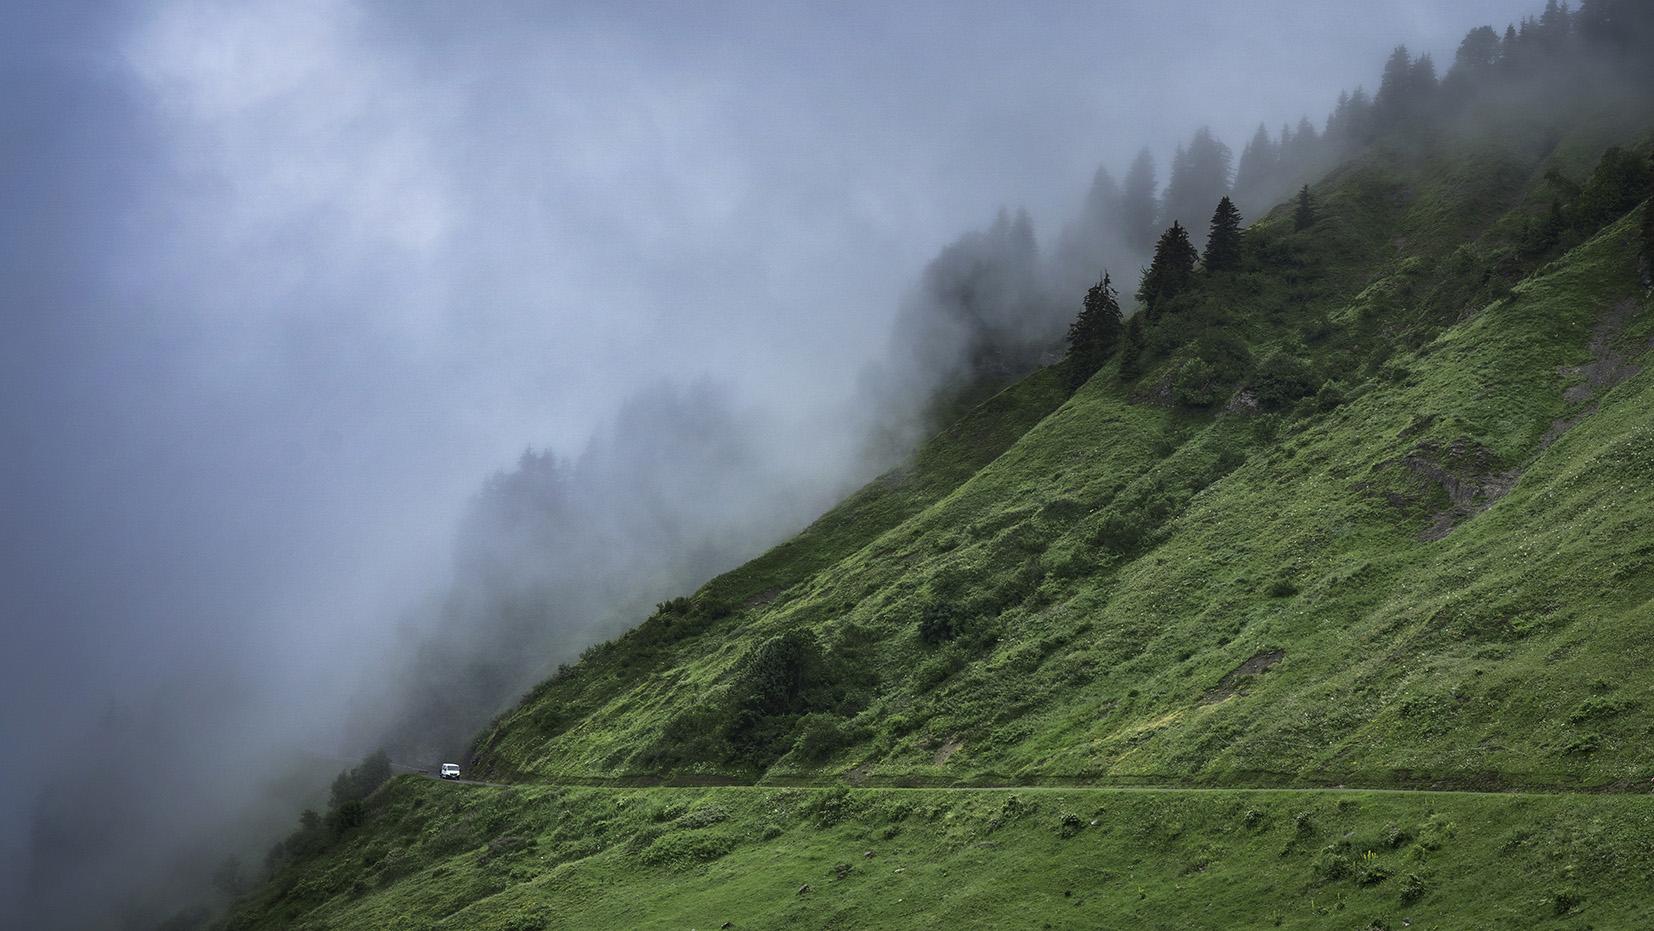 Haute-Savoie lac de Joux Plane, col brouillard nuages noirs